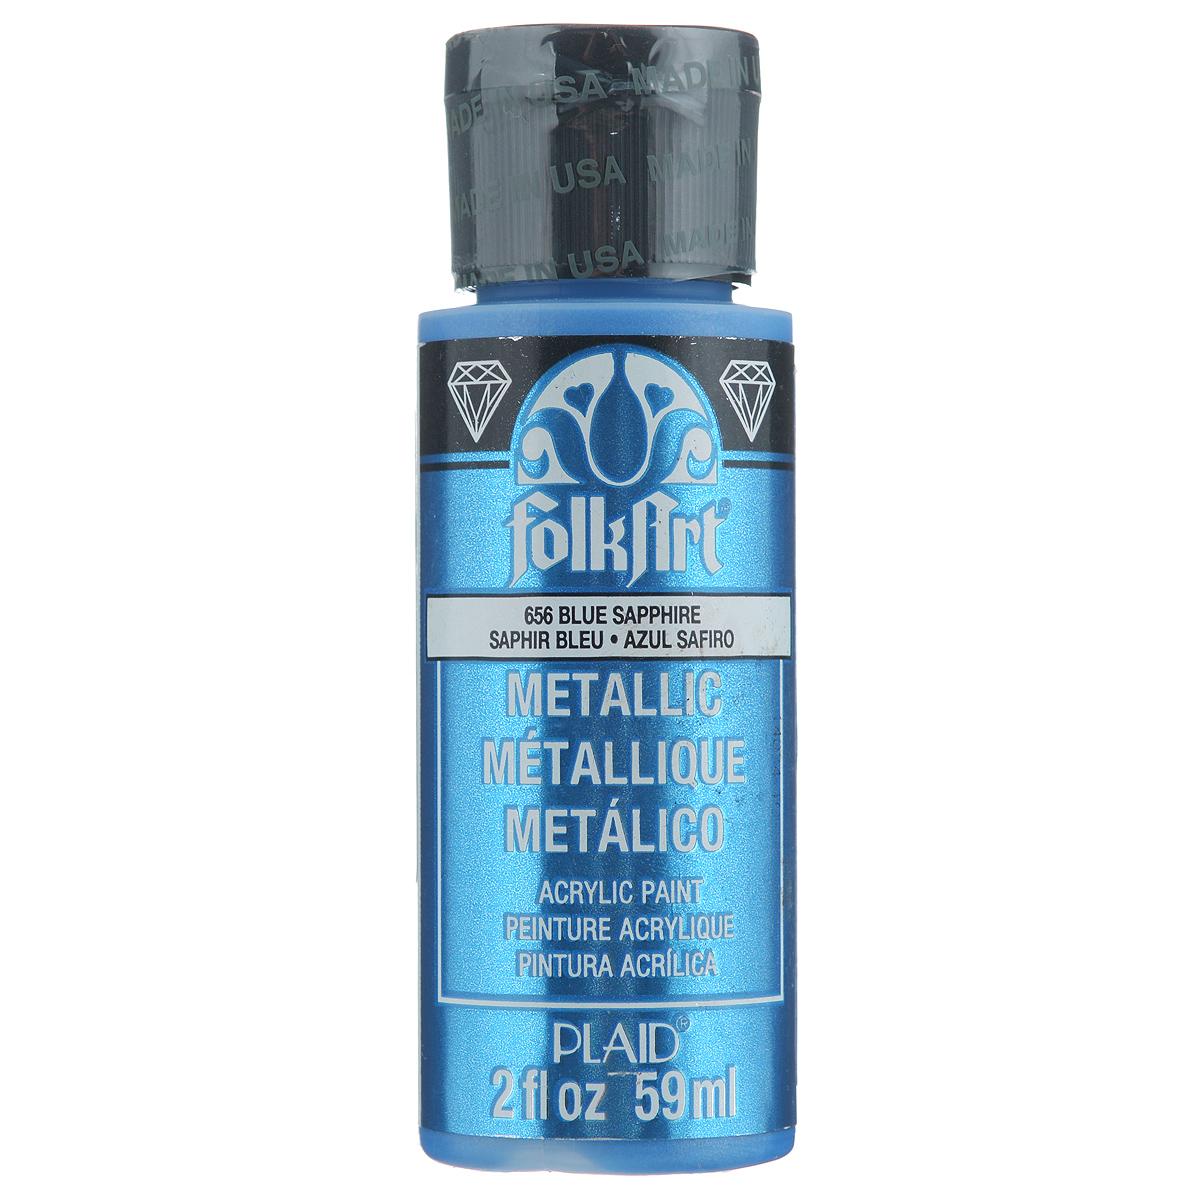 Акриловая краска FolkArt Metallic, цвет: синий сапфир, 59 млPLD-00656Акриловая краска FolkArt Metallic выполнена на водной основе и предназначена для рисования на пористых поверхностях. Возможно нанесение на ткань, стекло и керамику при использовании со специальными составами-медиумами. Стойкое окрашивание, однородная консистенция. Краски разных цветов хорошо смешиваются между собой. Перед повторным нанесением краски дать высохнуть в течение 1 часа. До высыхания может быть смыта водой с мылом. Объем: 59 мл.